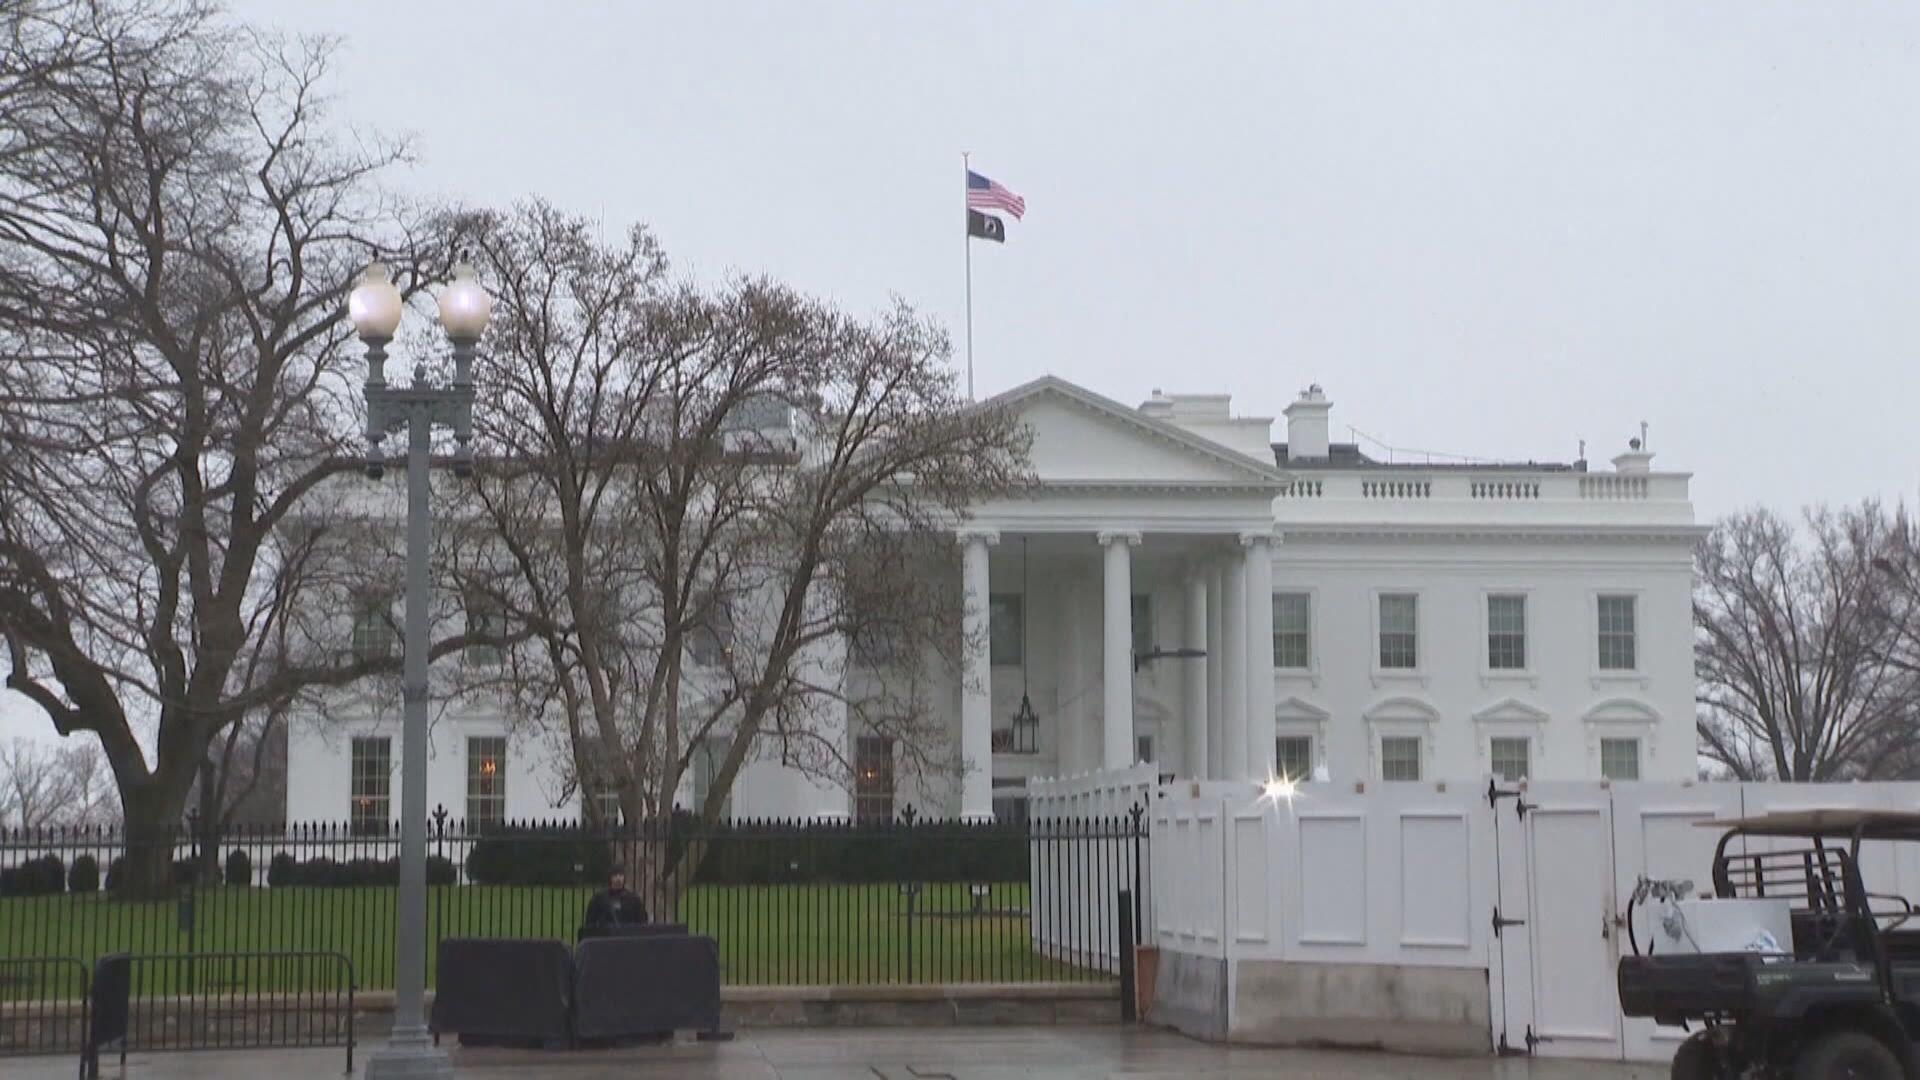 美國發表戰略方案點名批評中國和俄羅斯竊取技術